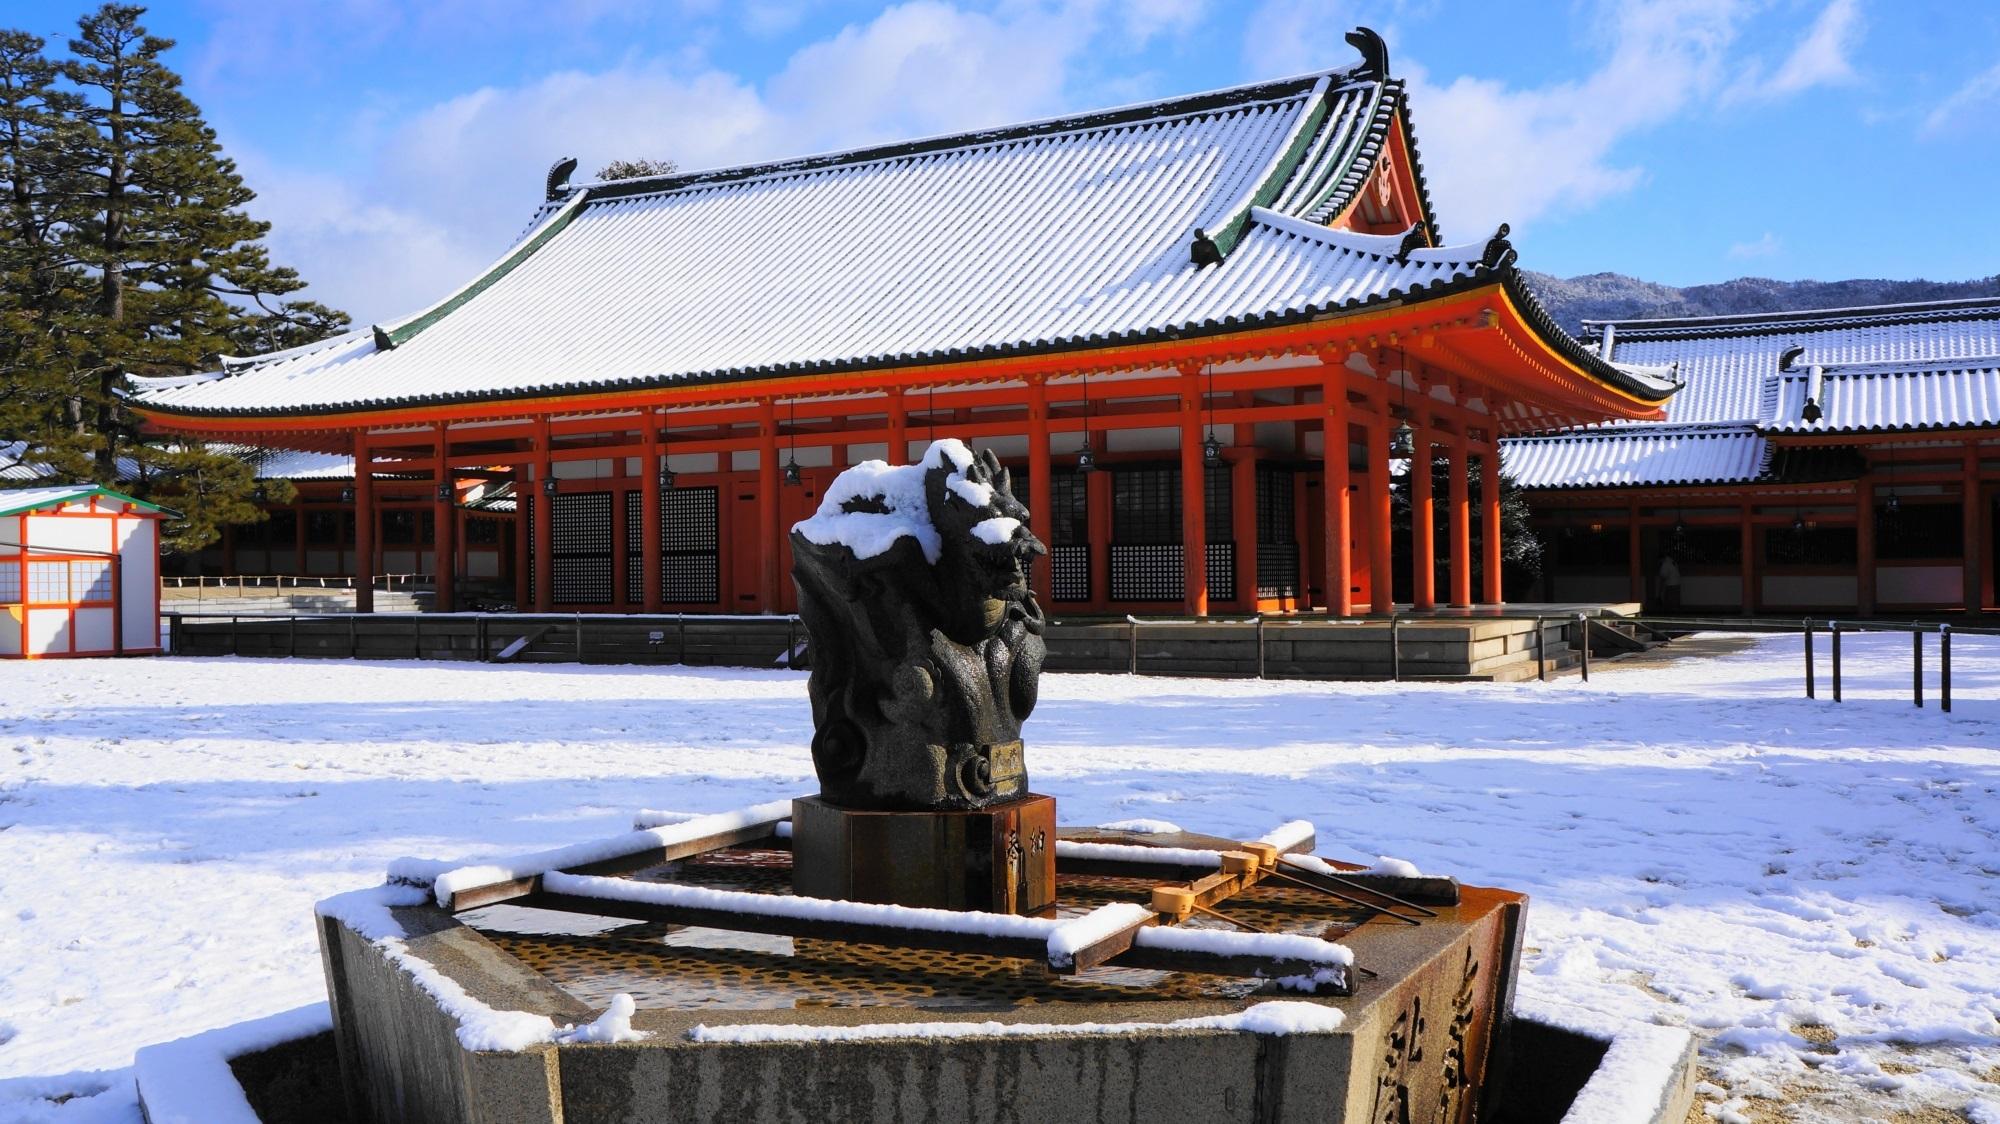 神聖なる冬景色